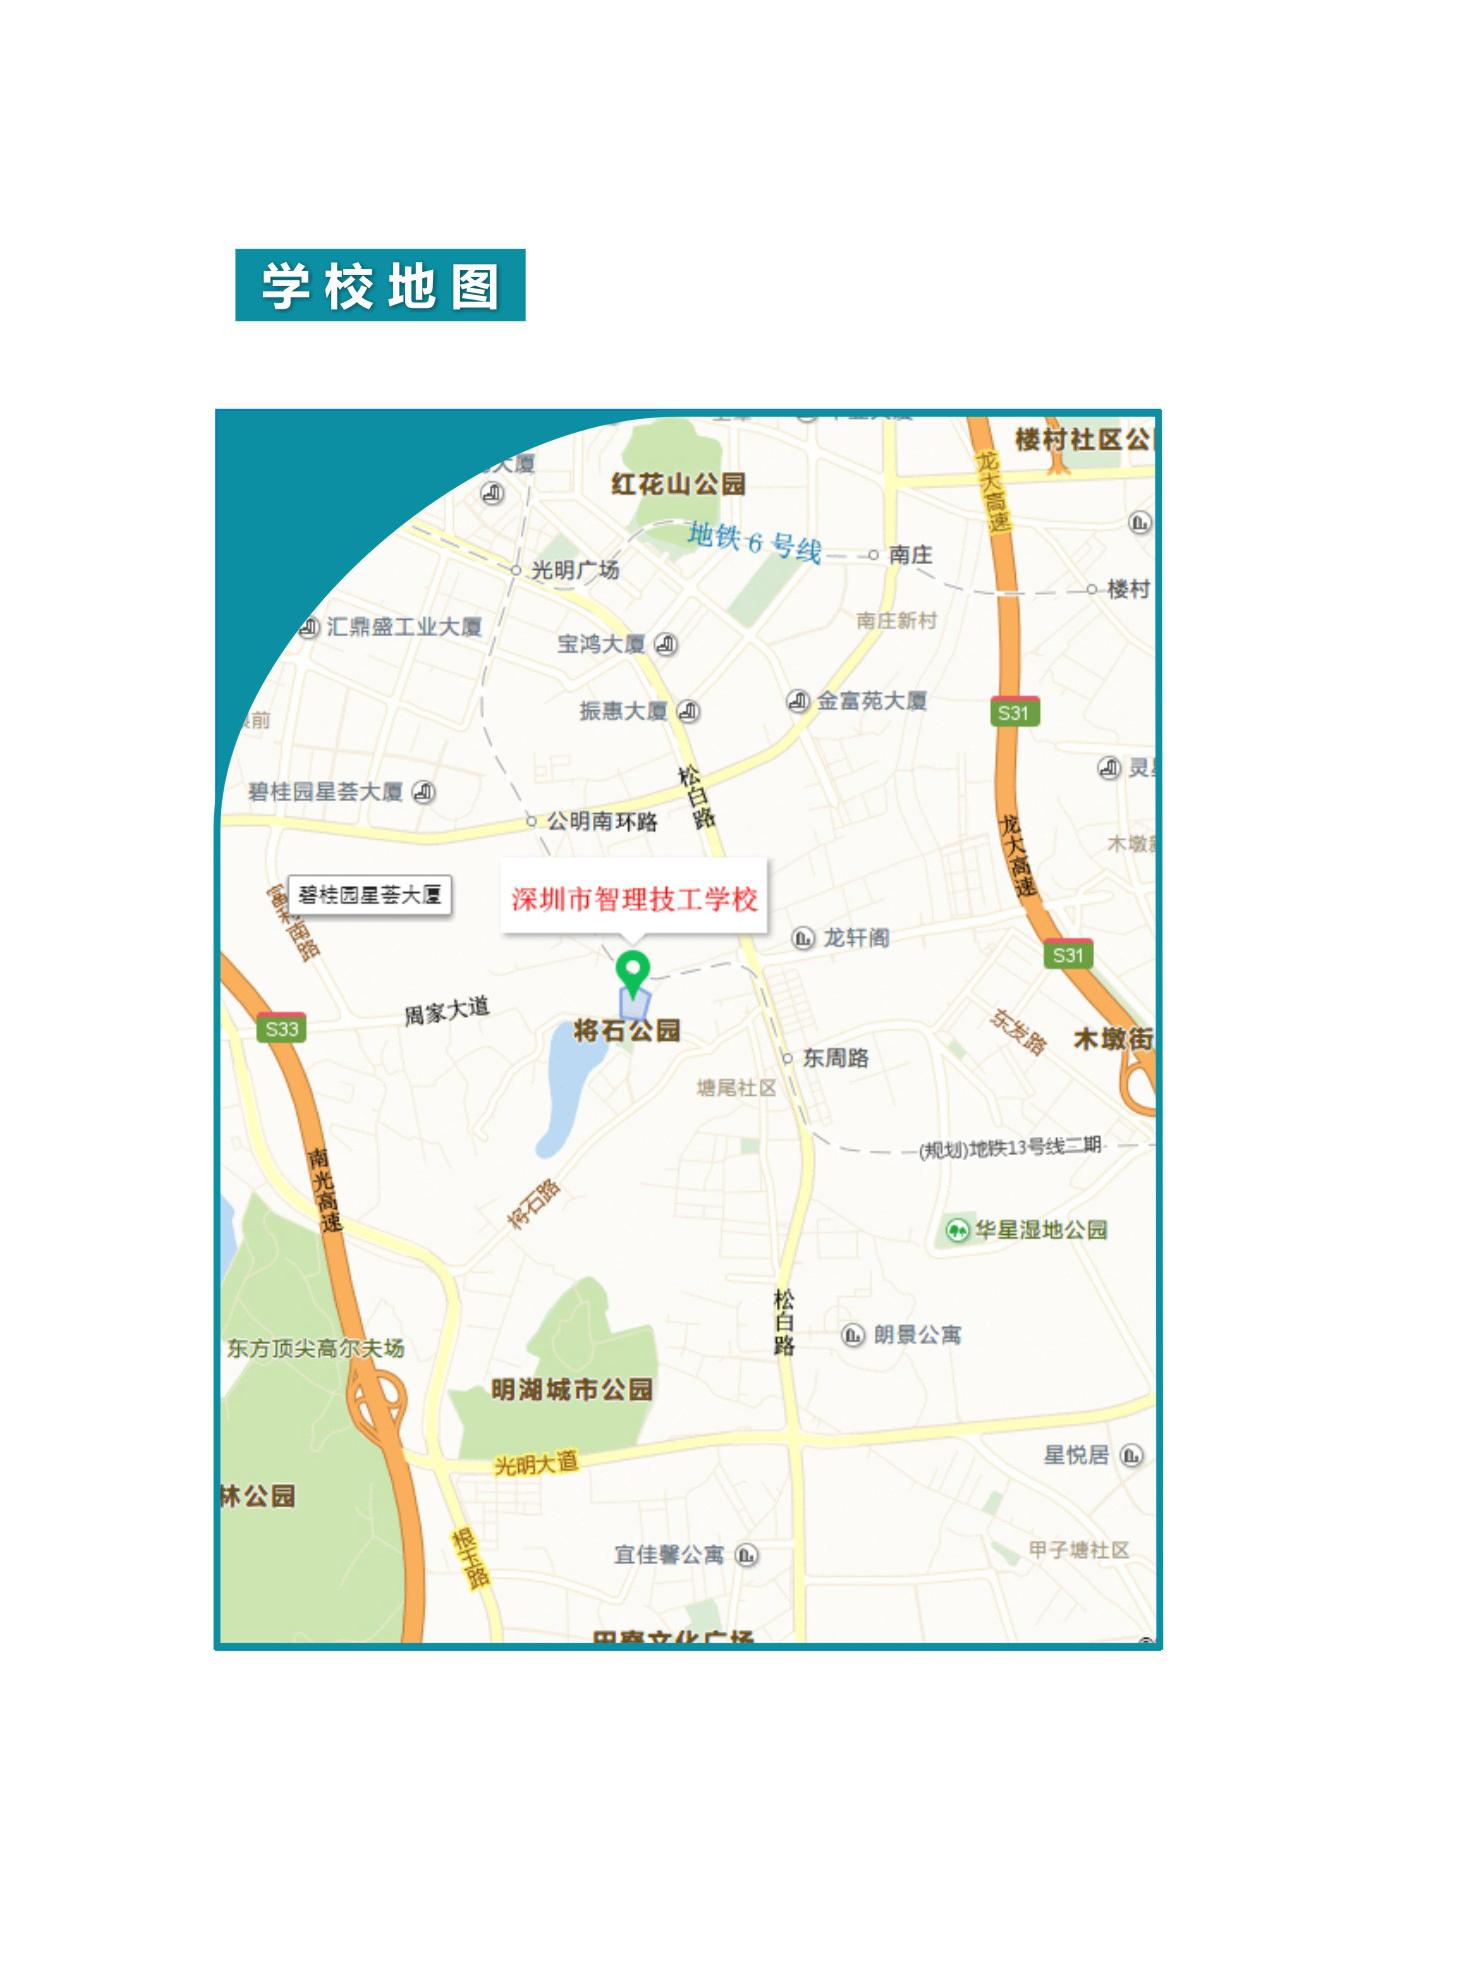 深圳市智理技工学校2019年招生简章学校地图